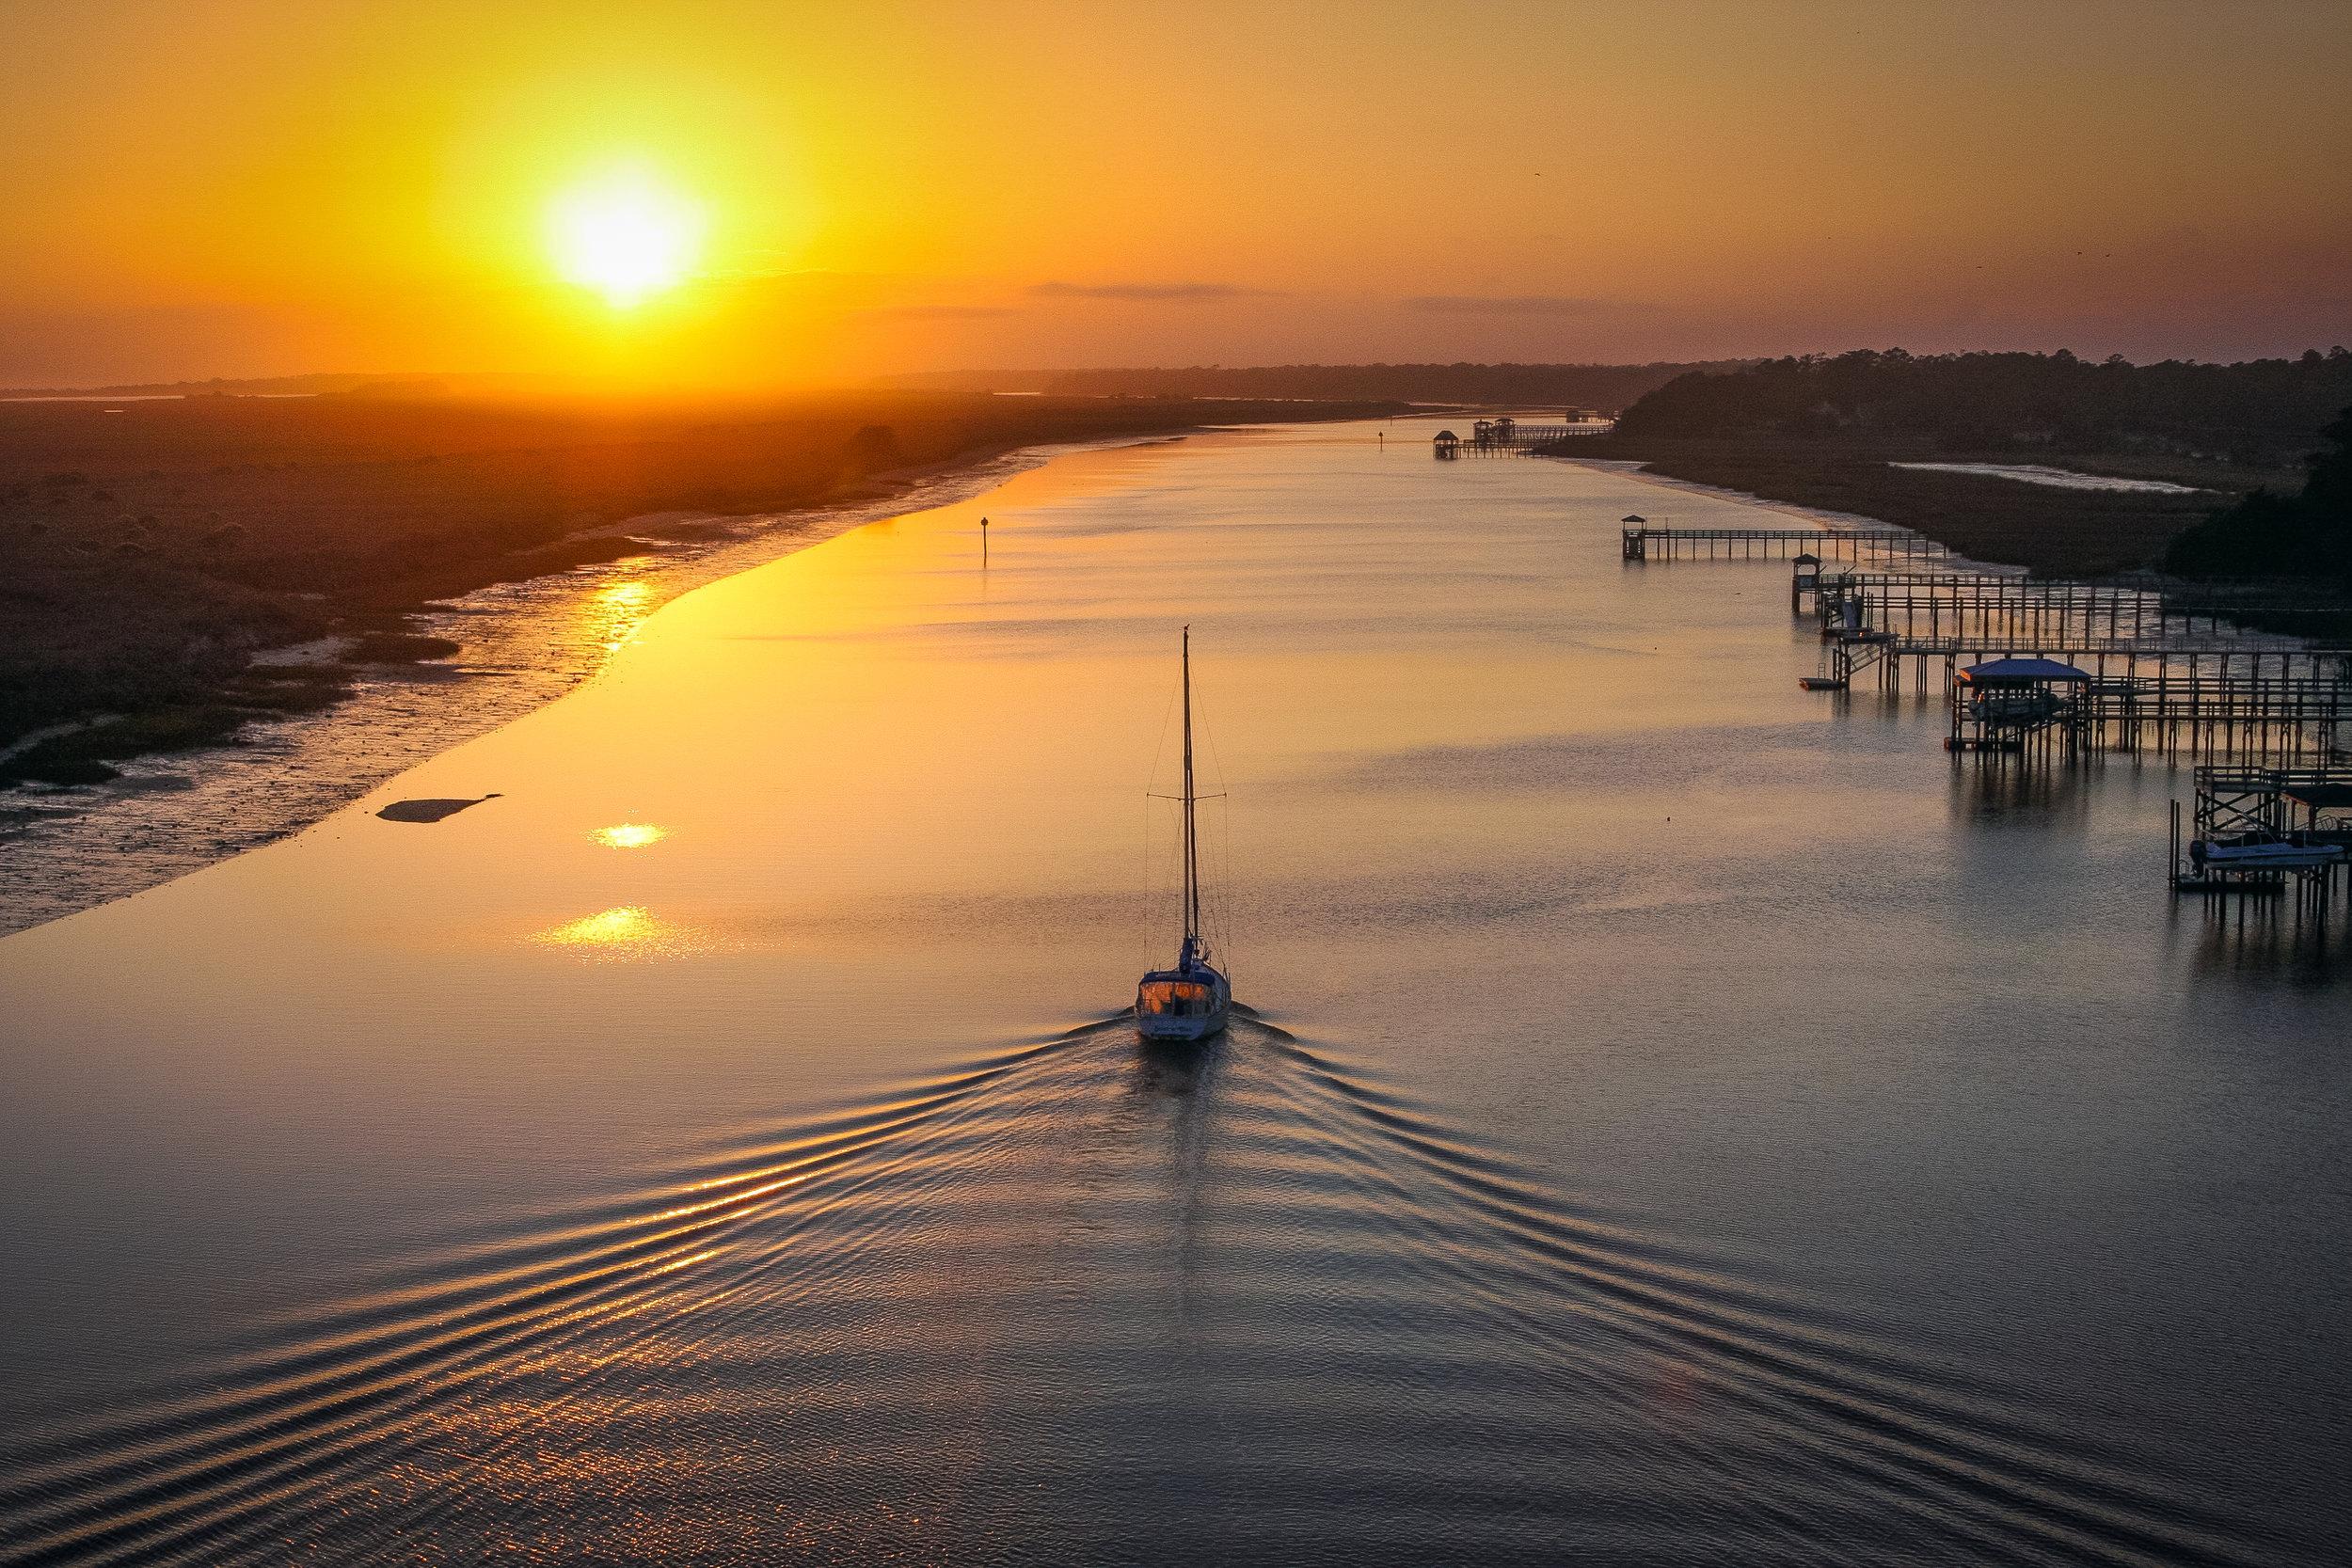 Sunset Sail Away